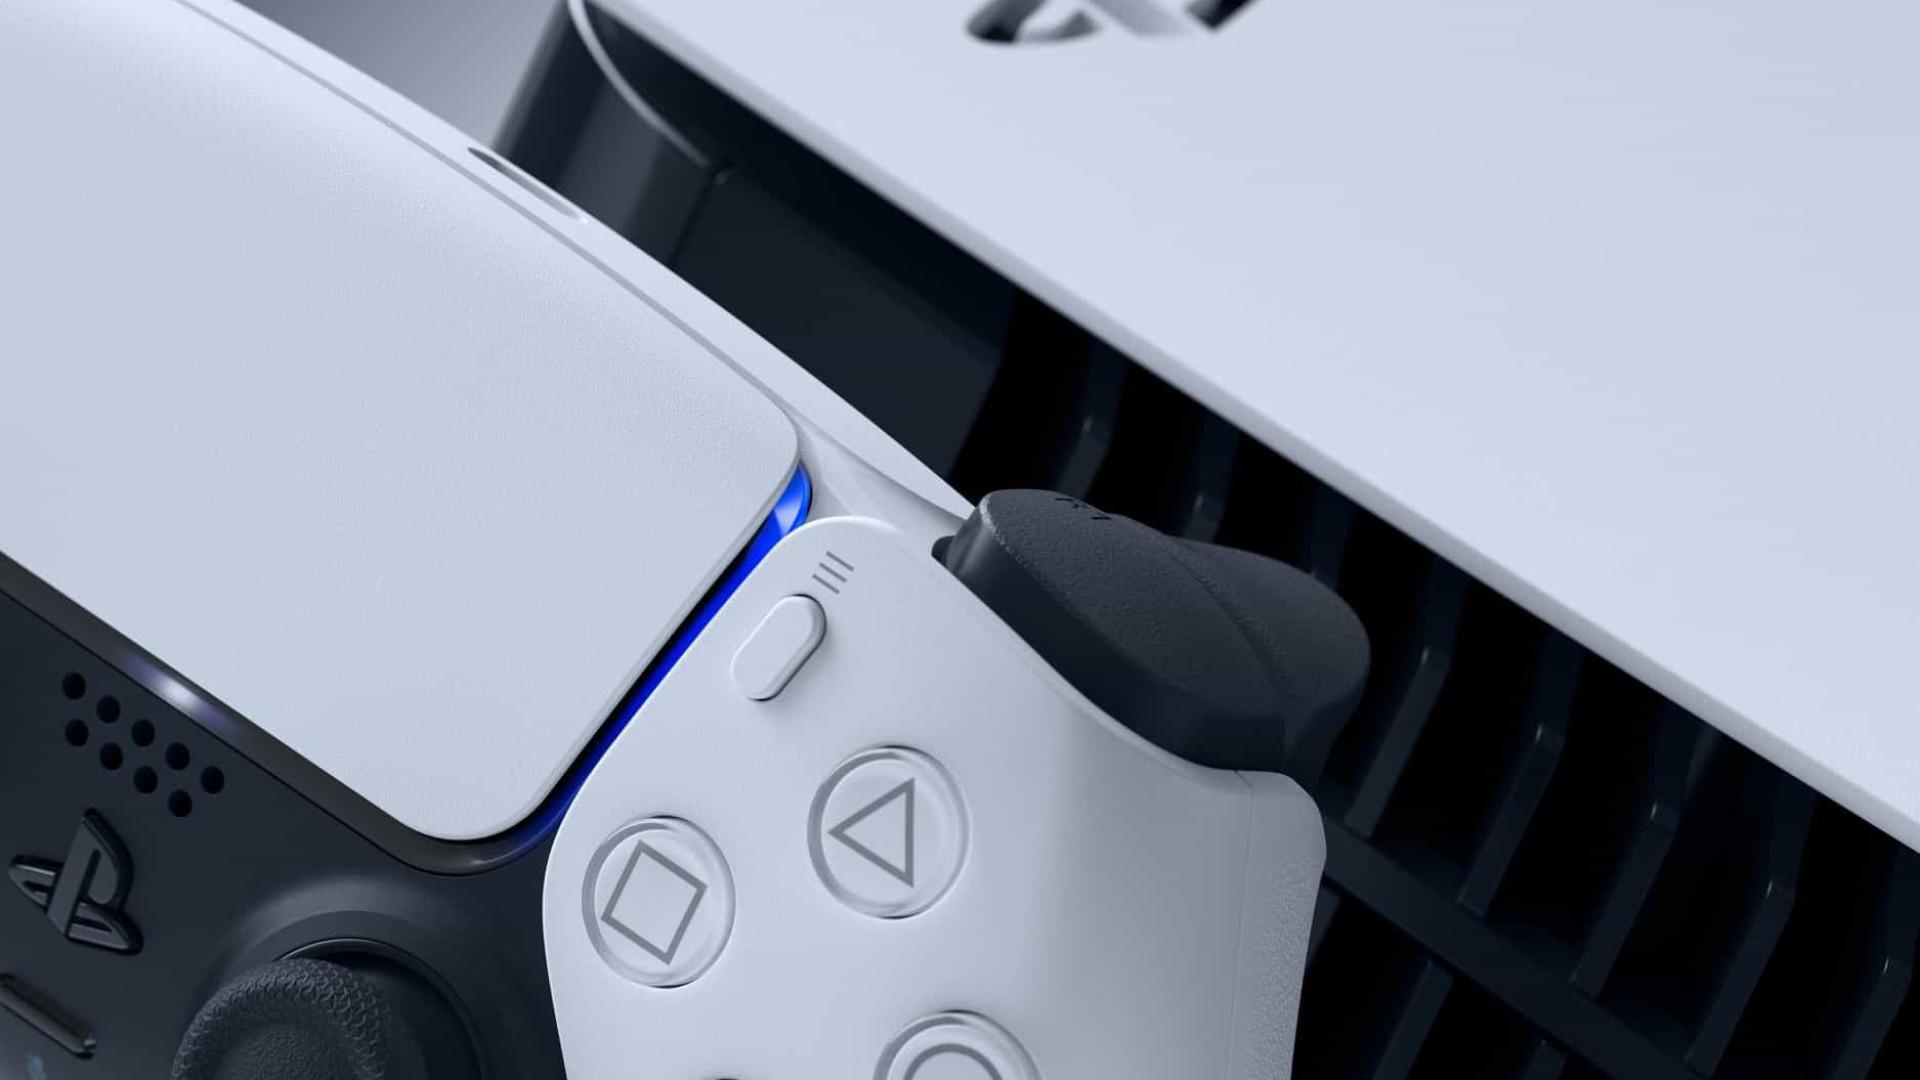 Nova atualização do Playstation melhora o desempenho do console